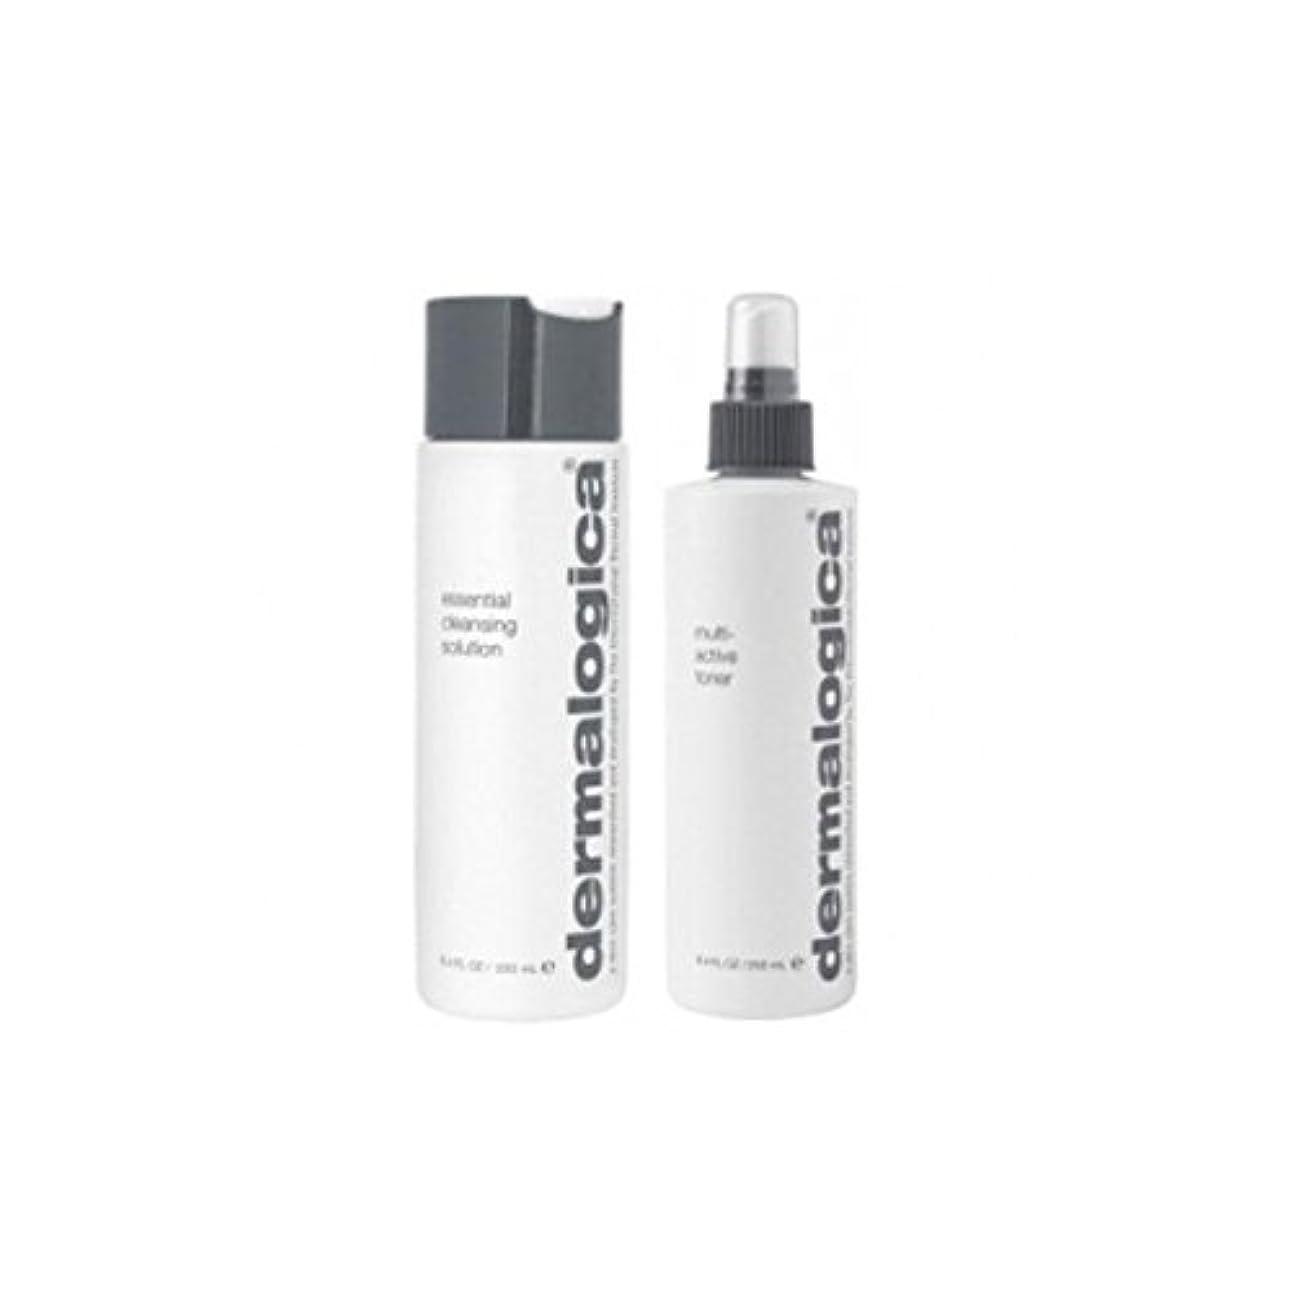 真似る露骨な家事をするDermalogica Cleanse & Tone Duo - Dry Skin - ダーマロジカクレンジング&トーンデュオ - 乾燥肌 [並行輸入品]